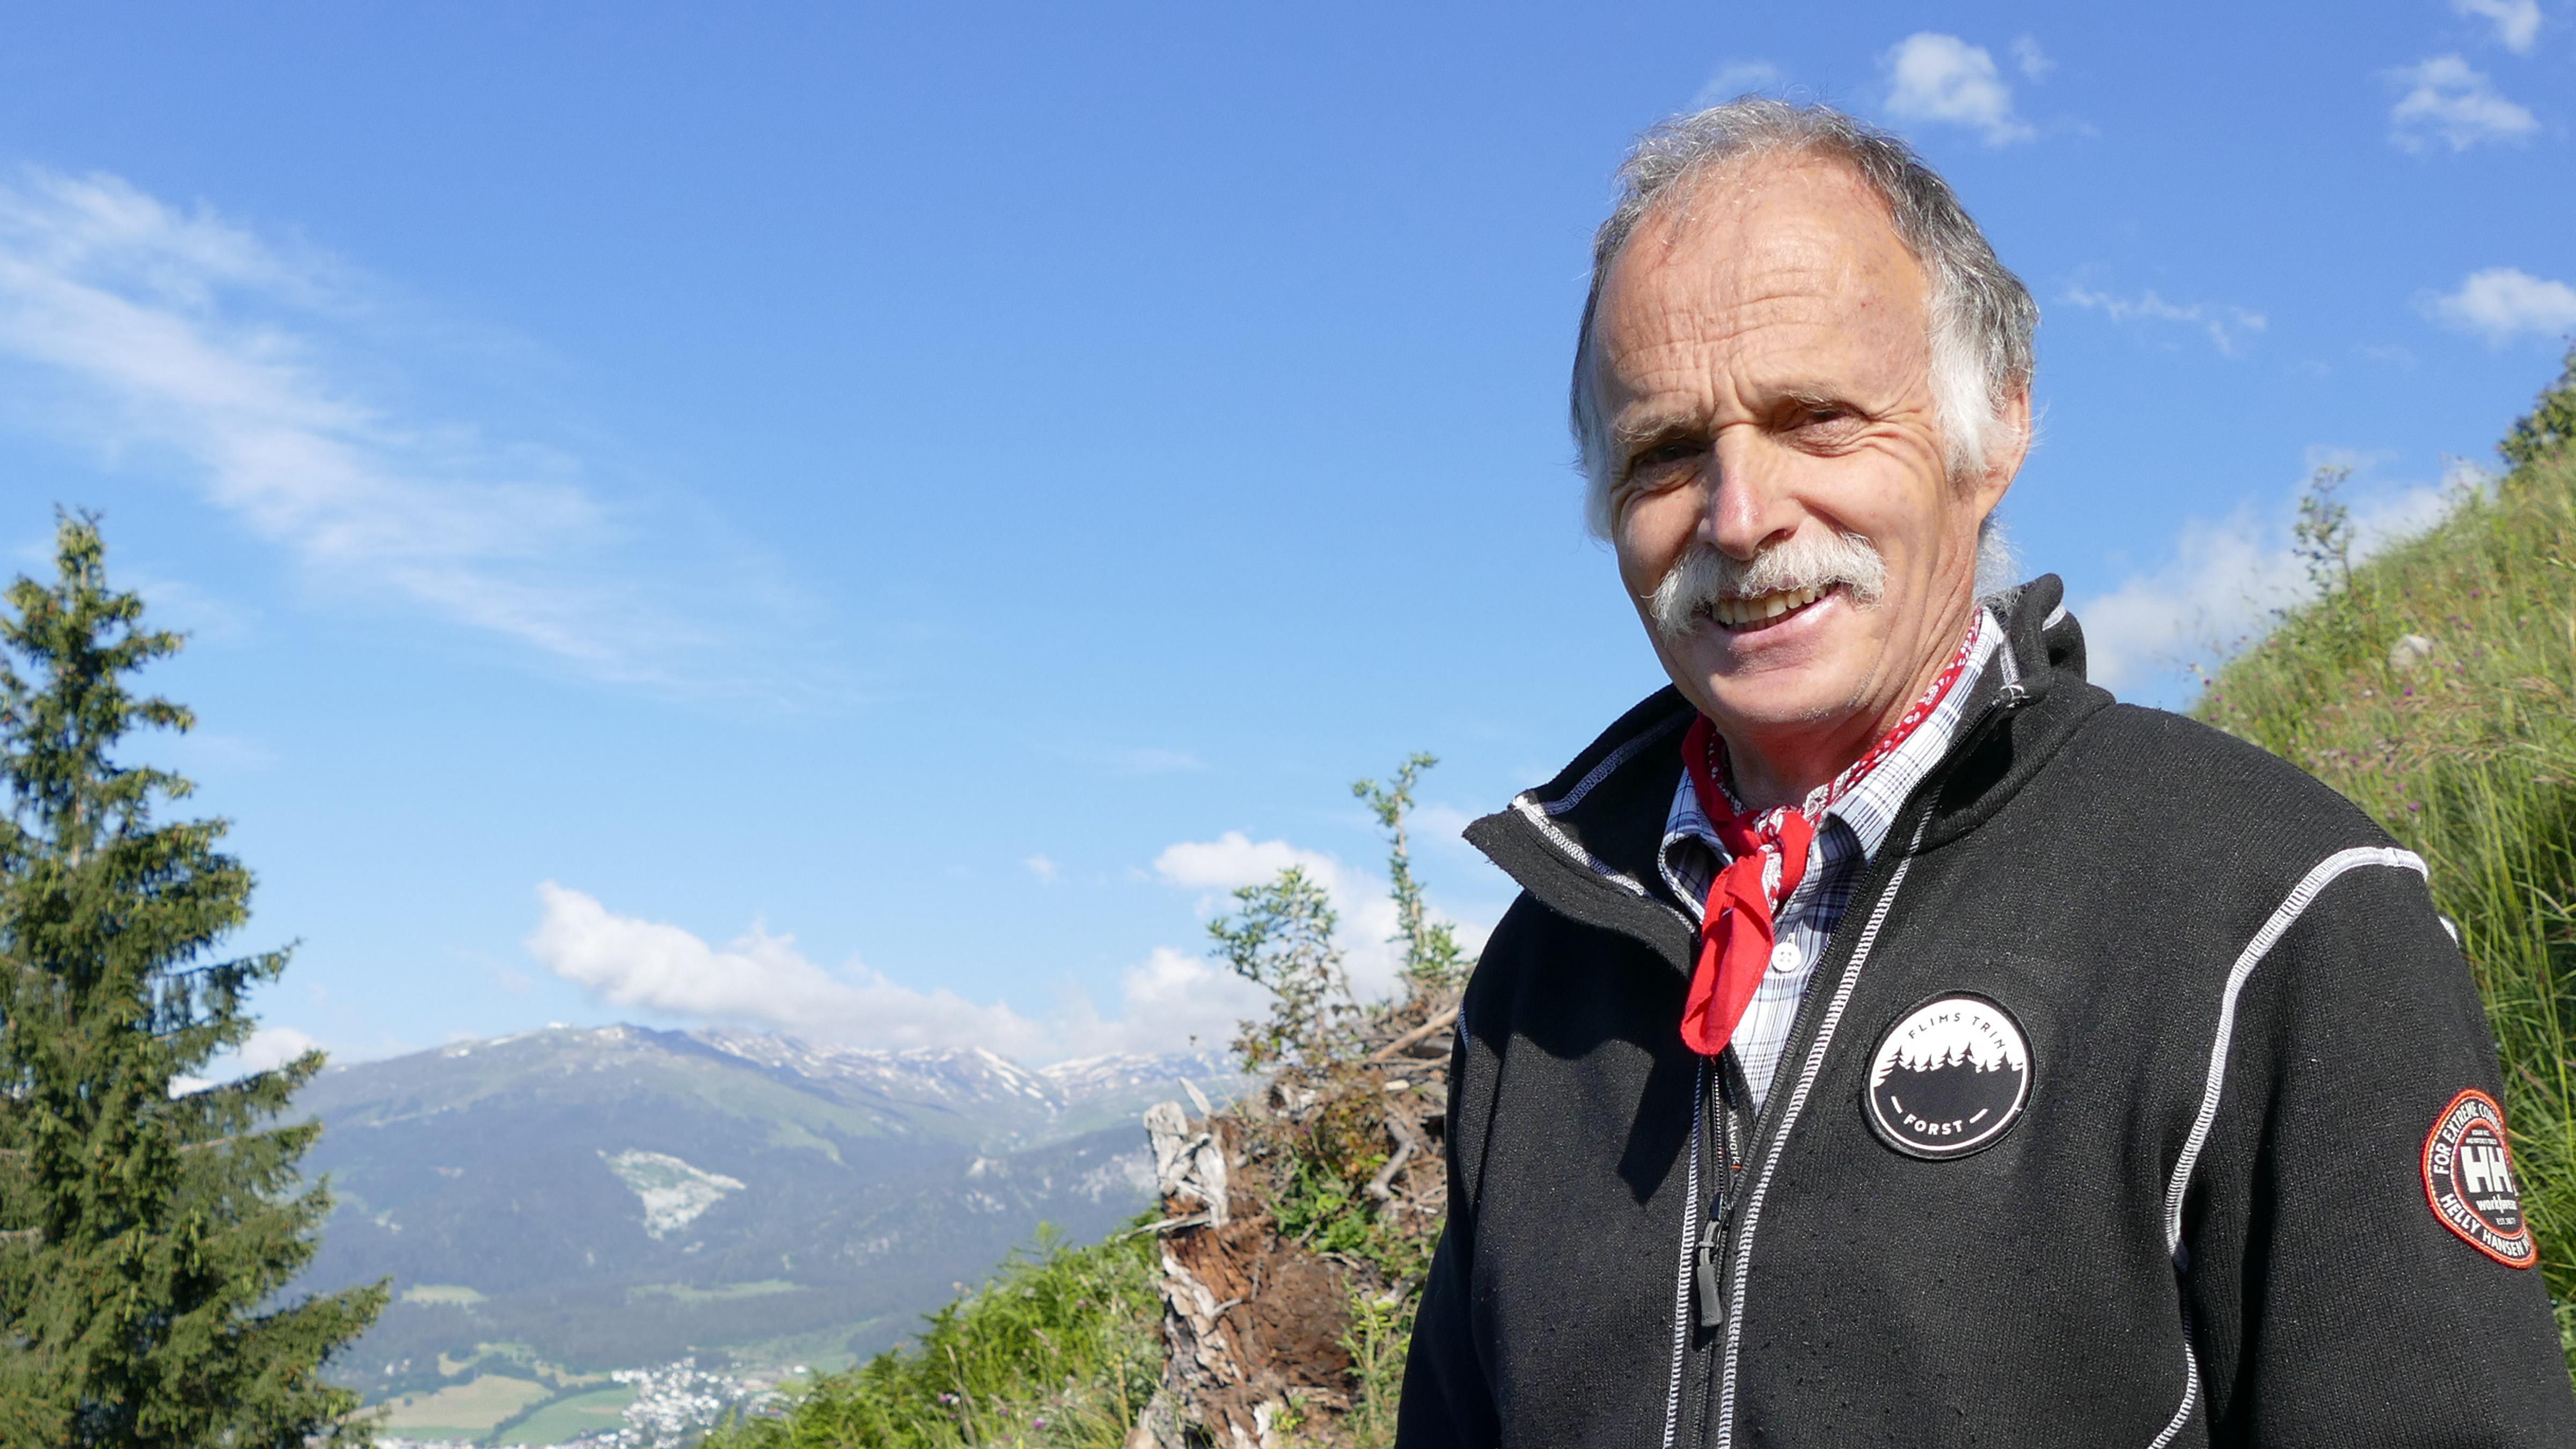 Partnersuche in Flims Dorf - Kontaktanzeigen und Singles ab 50